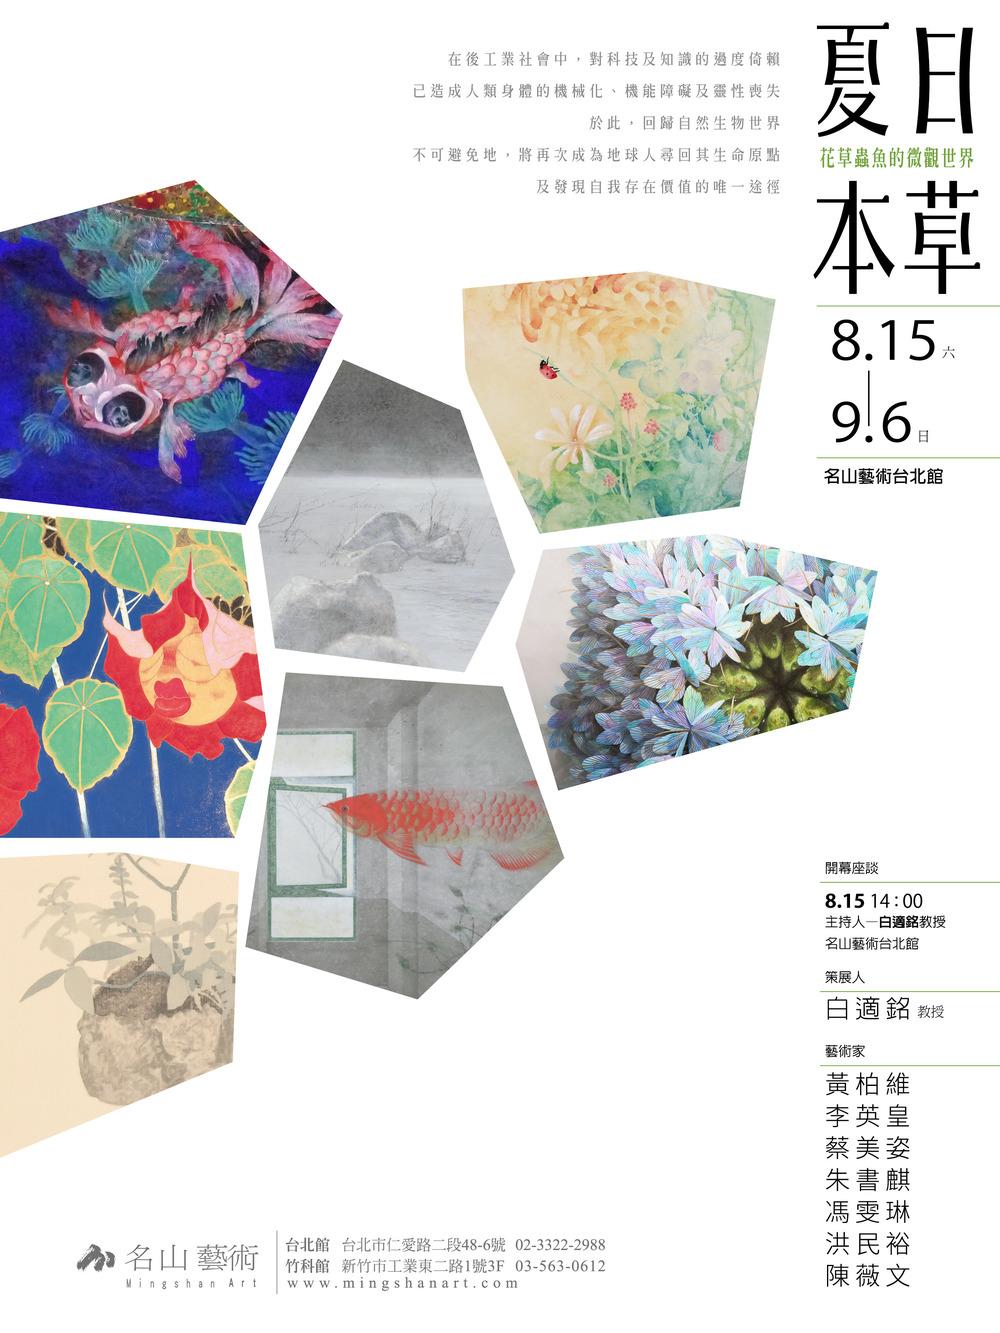 名山藝術-夏日本草雜誌稿-今藝術.jpg